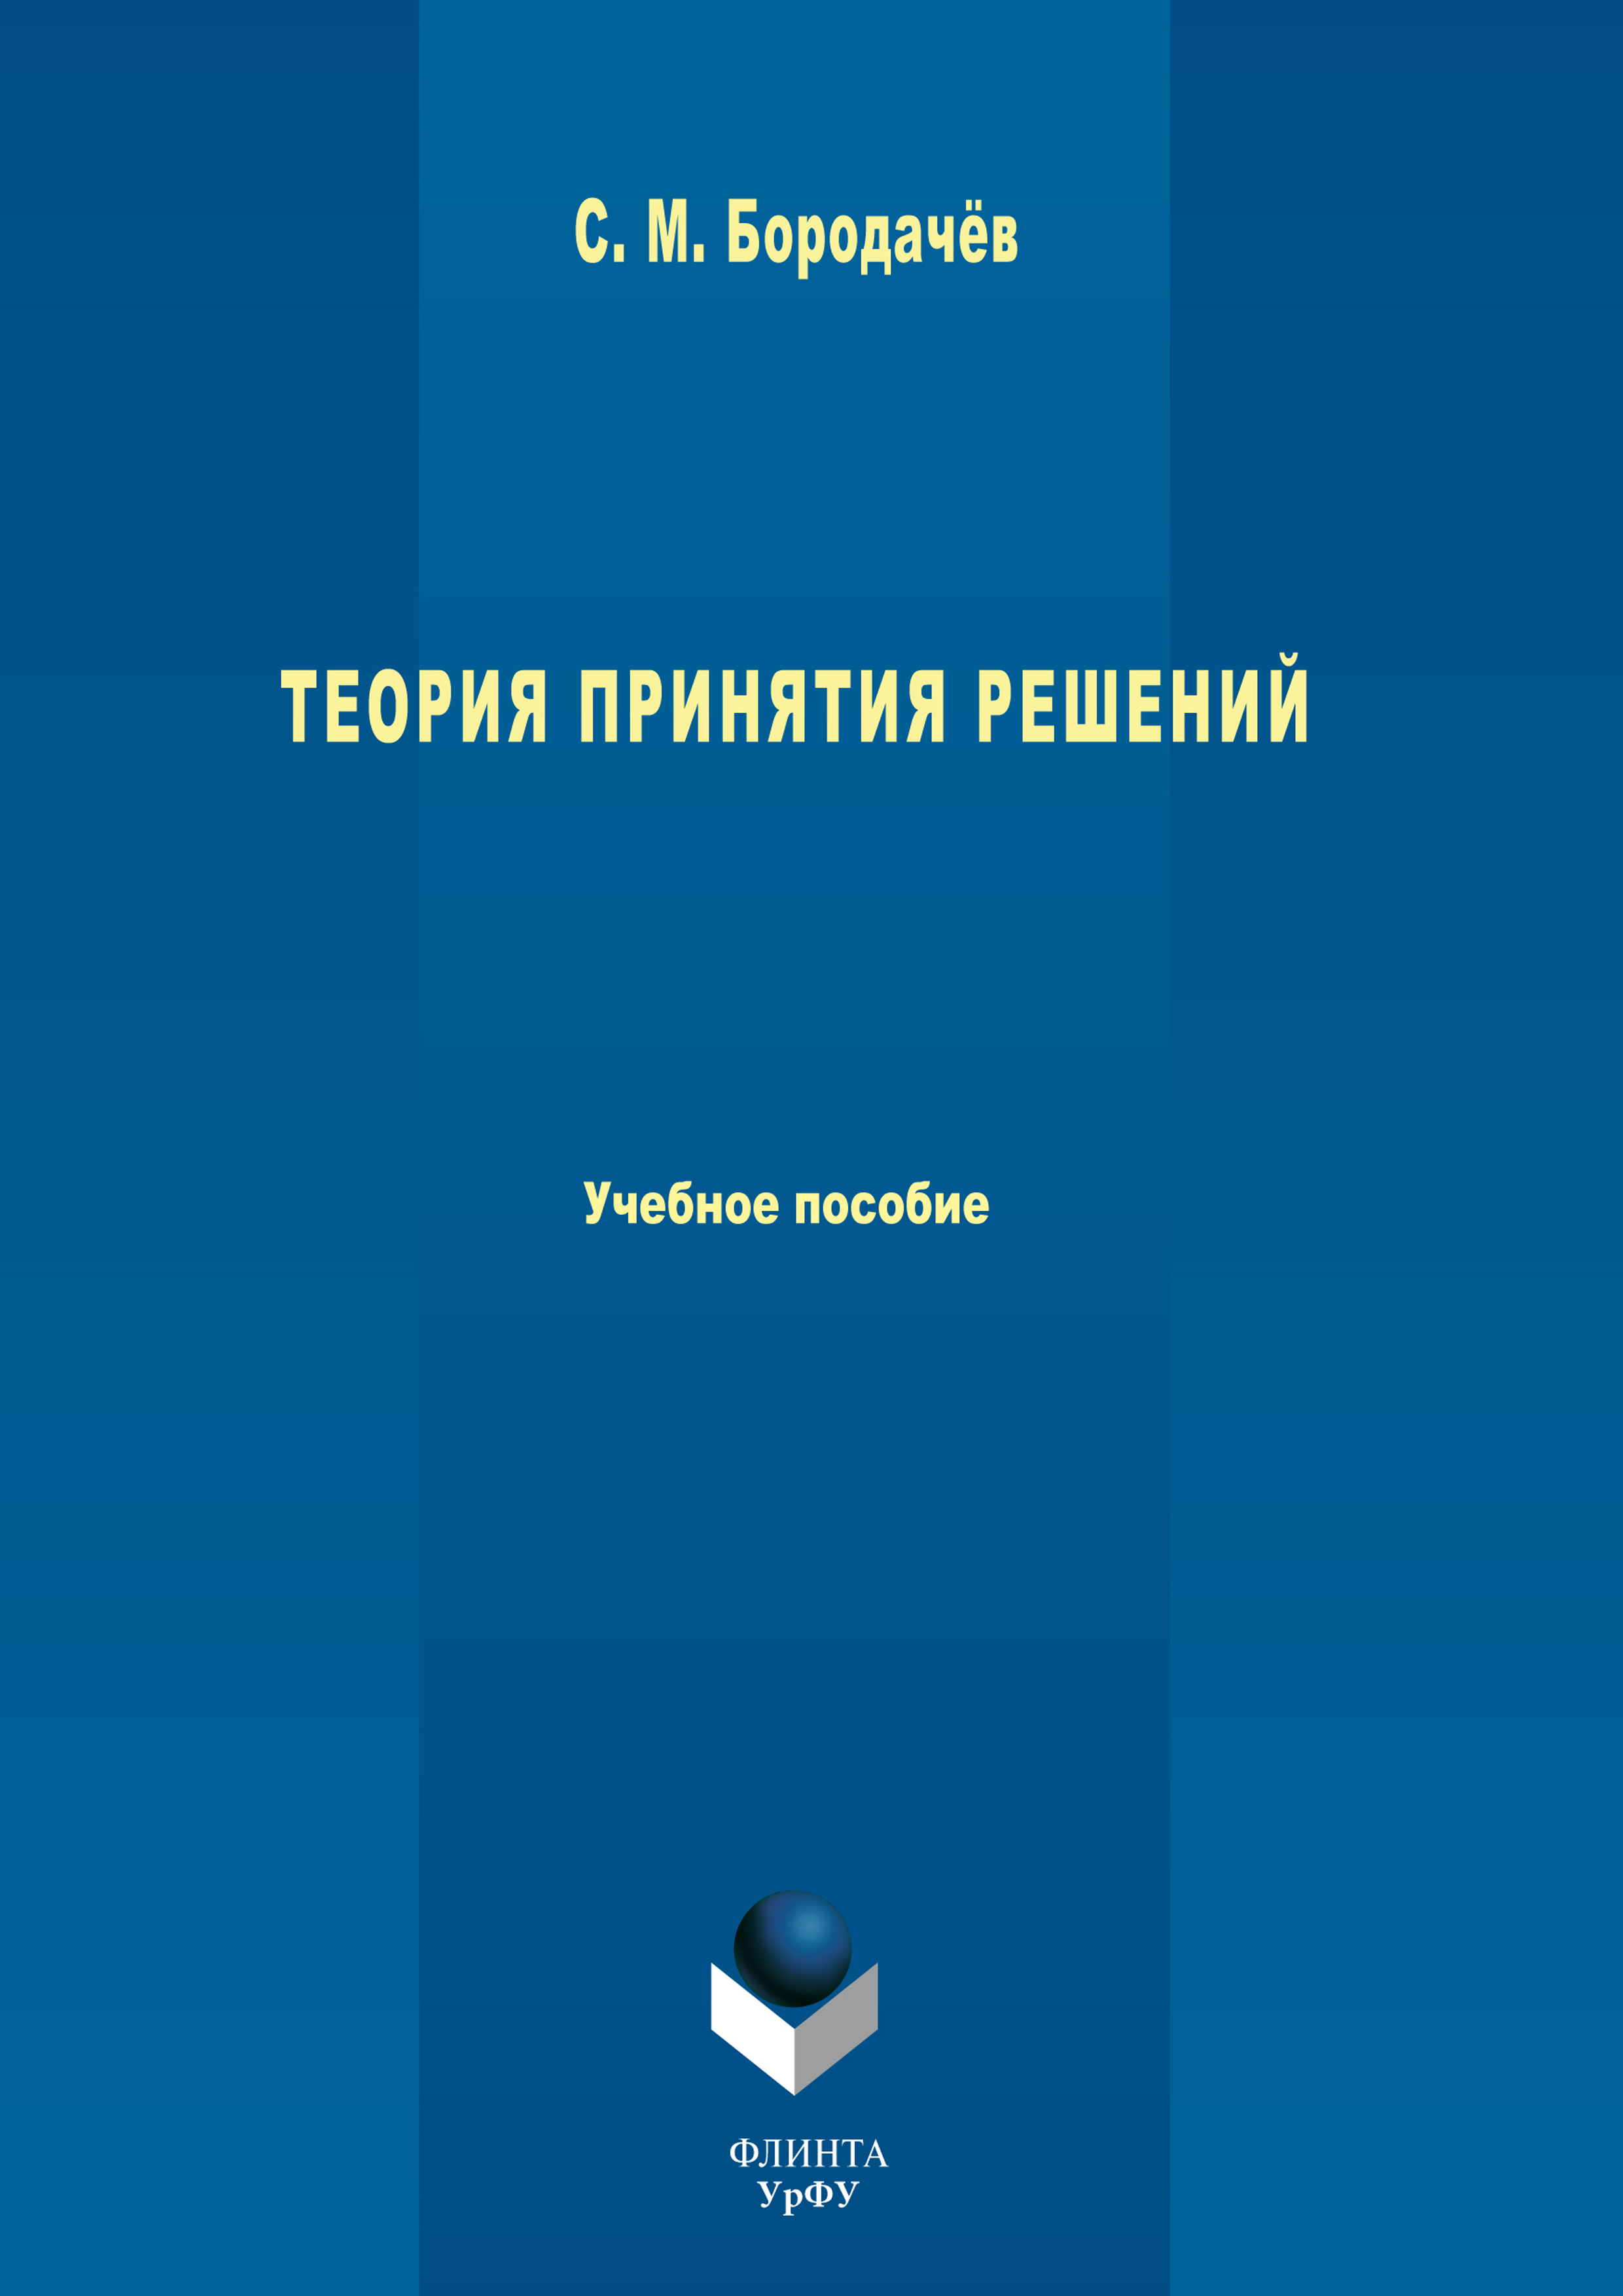 С. М. Бородачёв Теория принятия решений. Учебное пособие в в глухов м д медников математические модели менеджмента учебное пособие